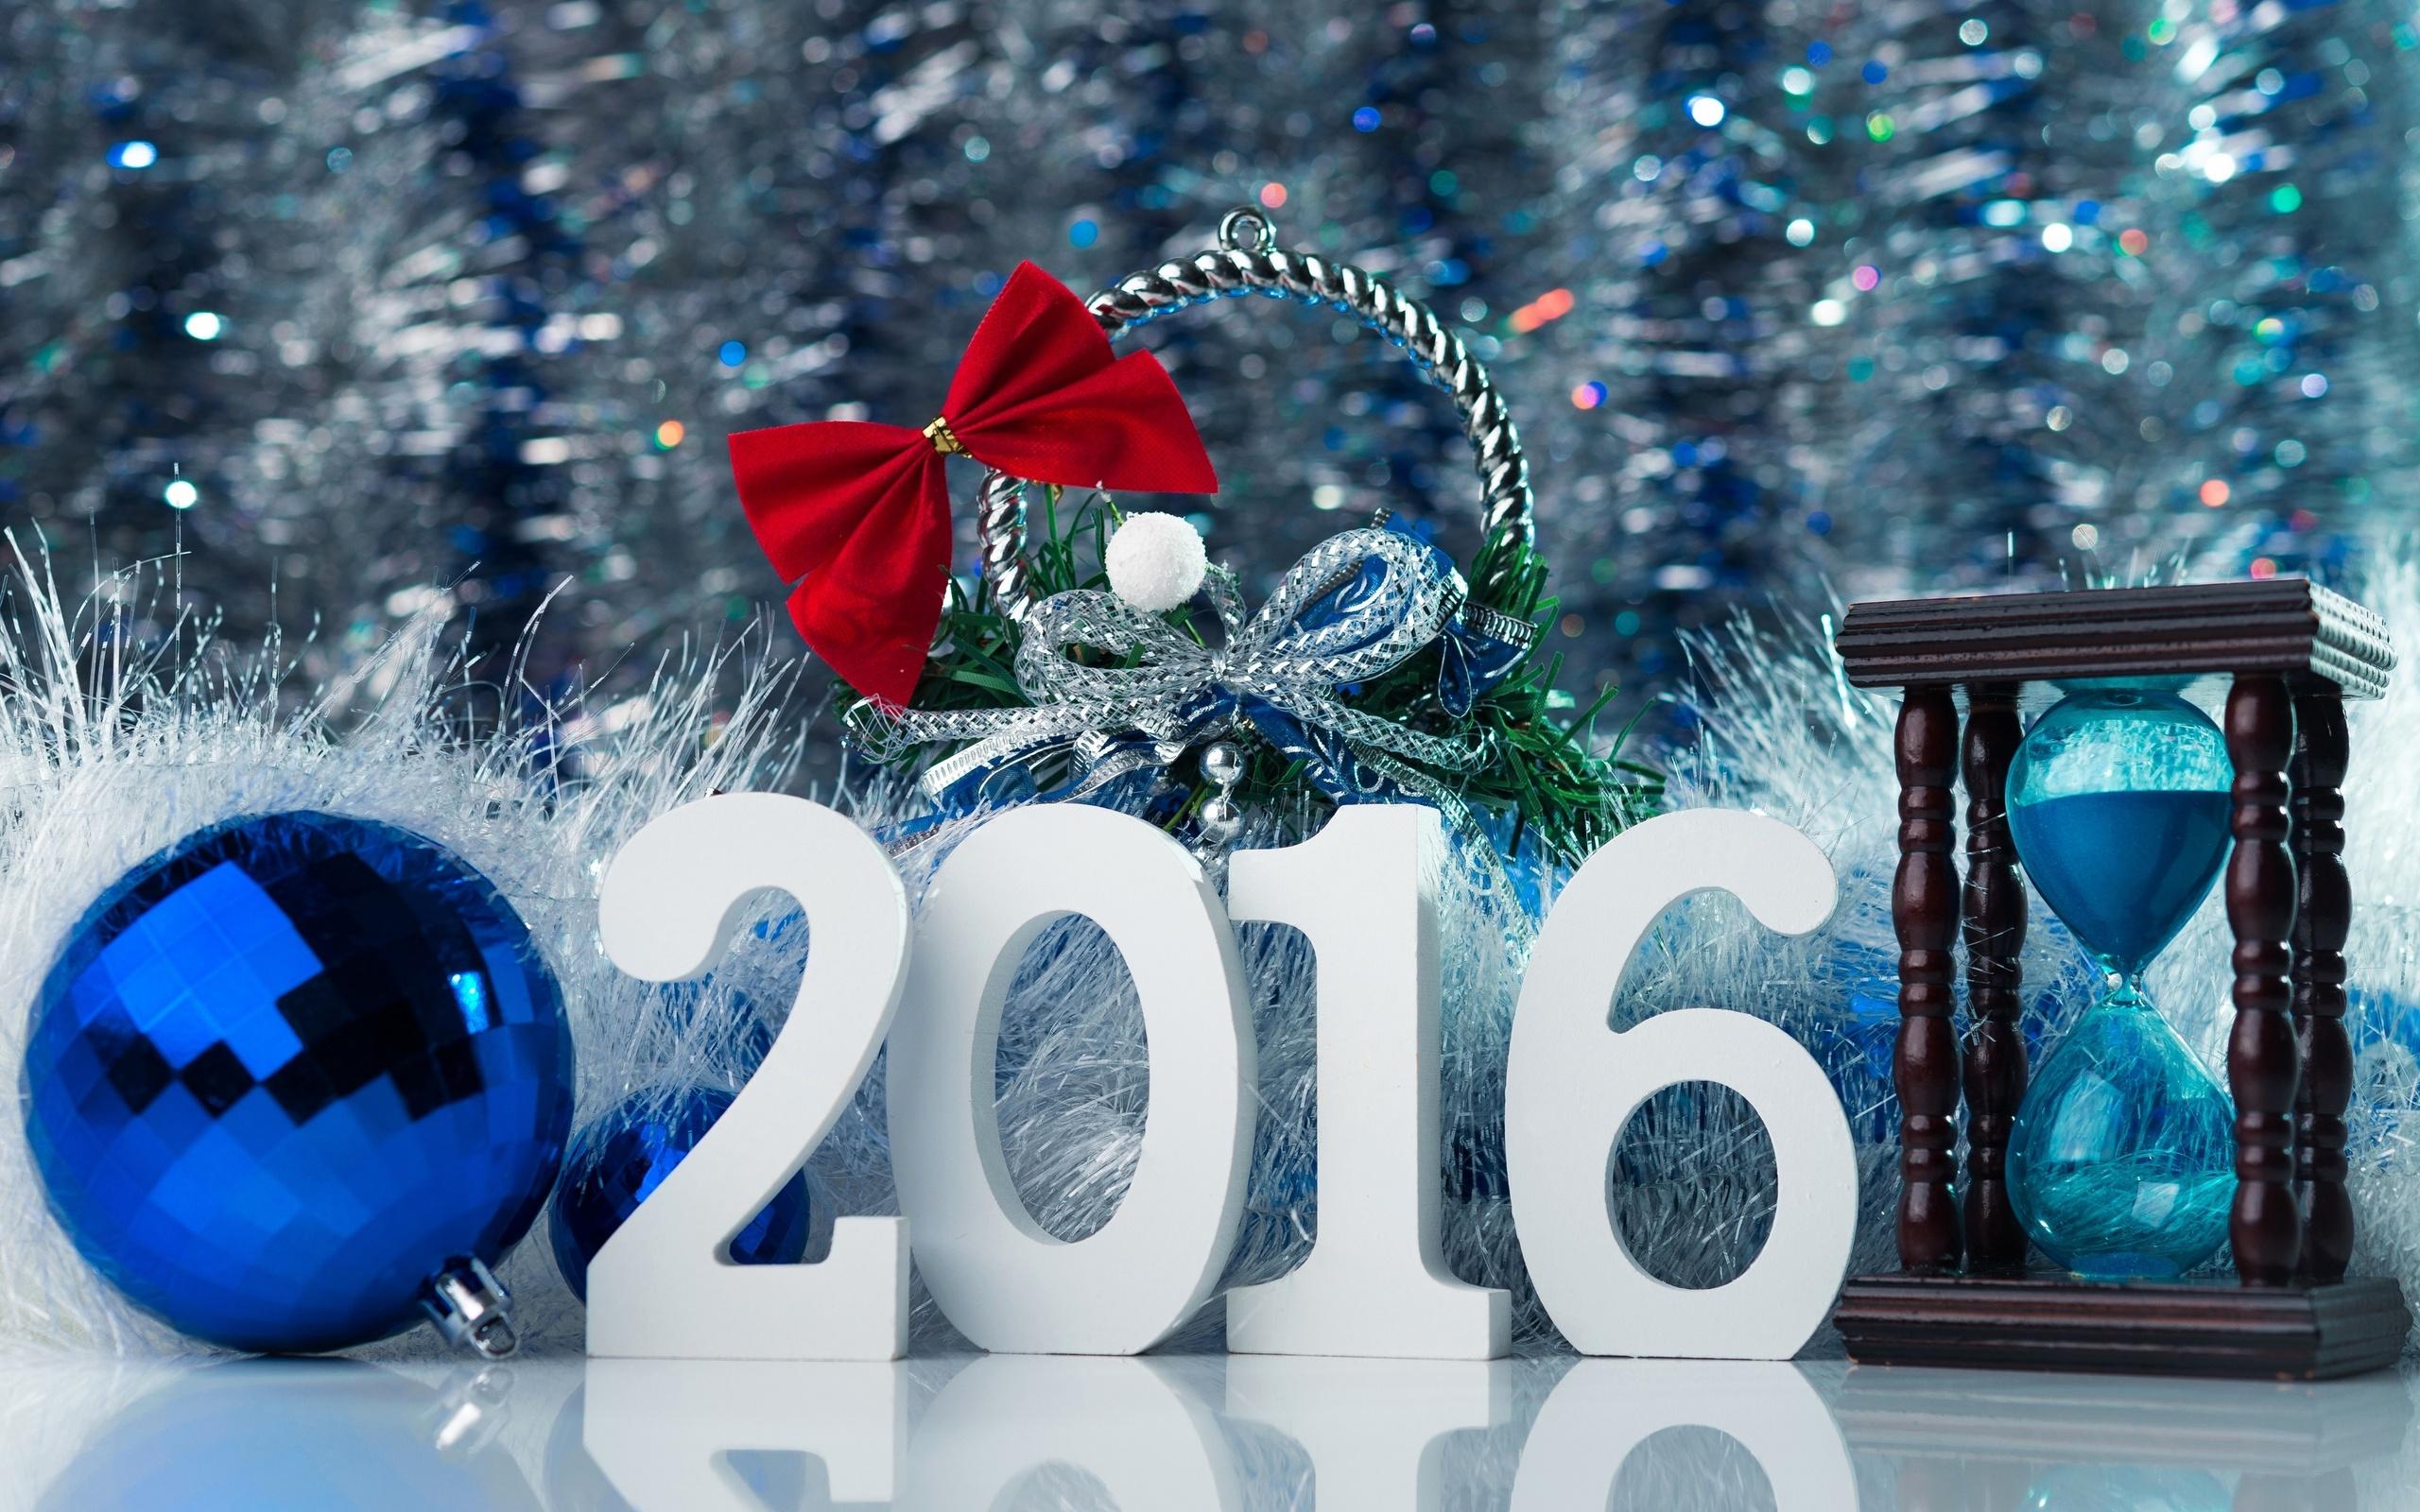 Надпись с новым 2016 годом картинки, открытка